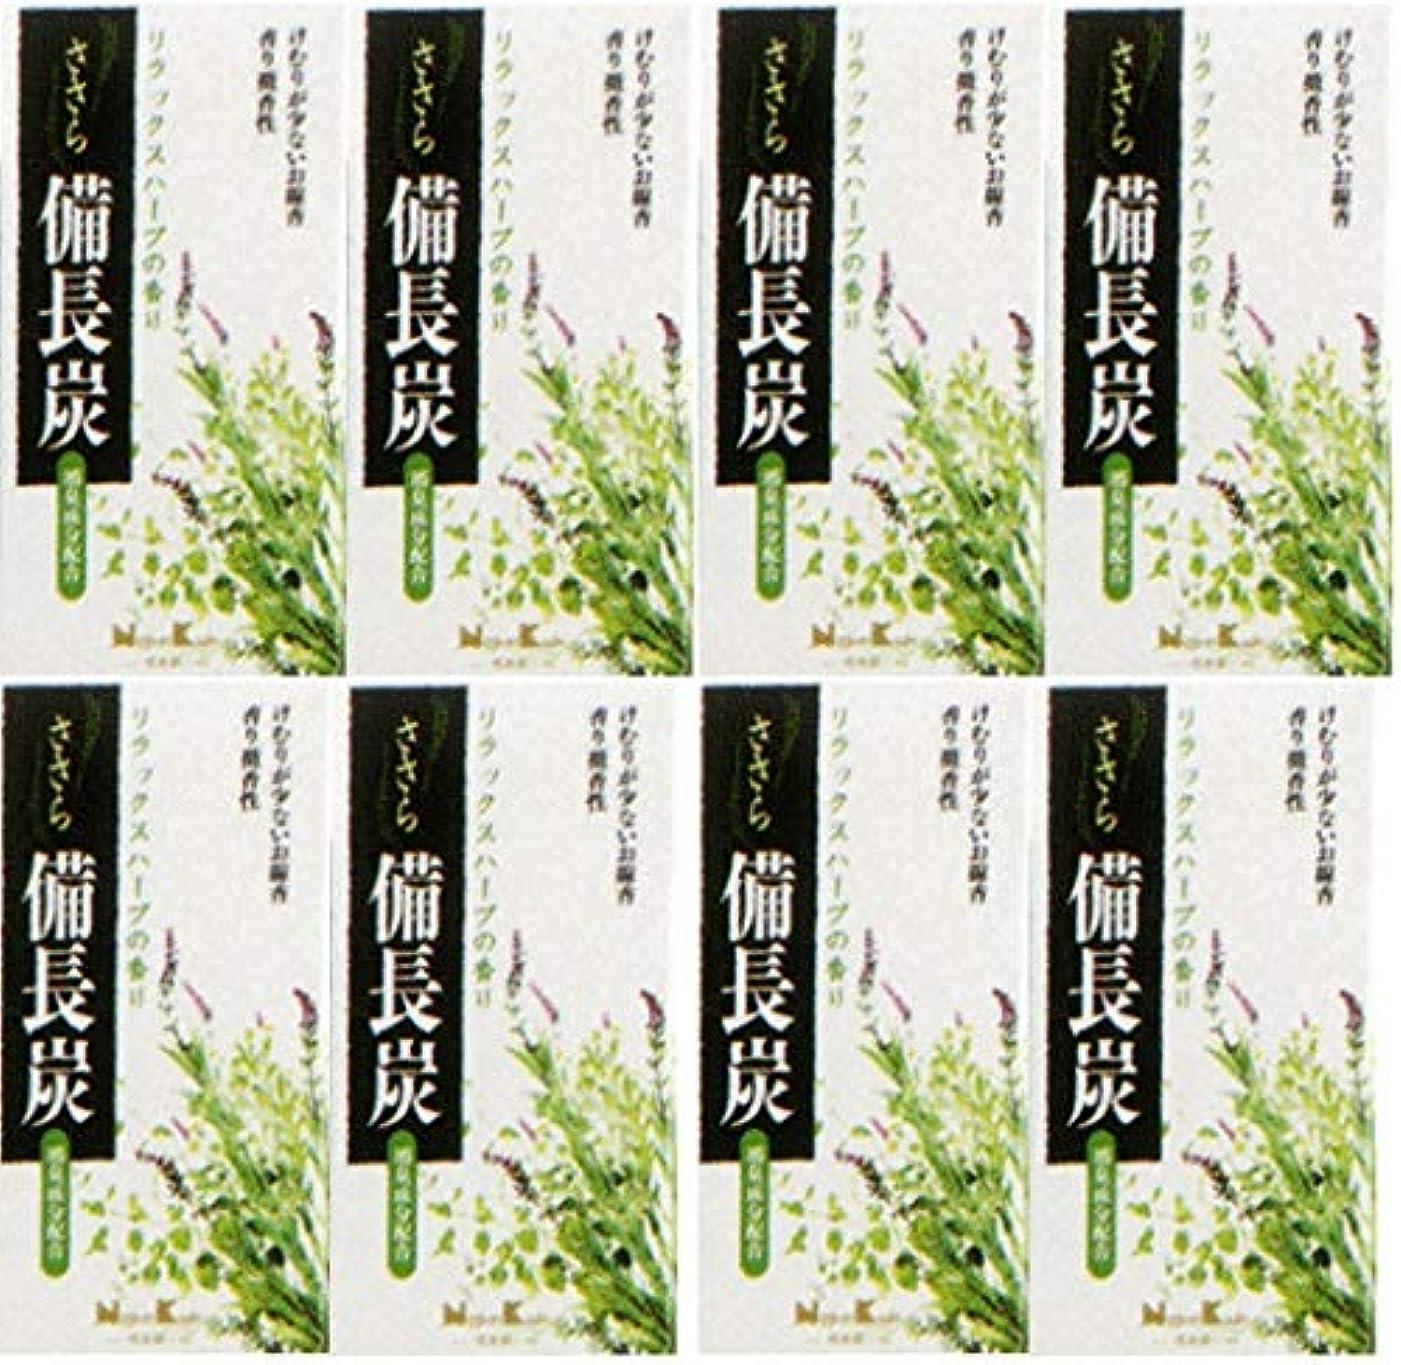 妊娠した泥沼影響力のある【まとめ買い】ささら備長炭 リラックスハーブ バラ詰×8個